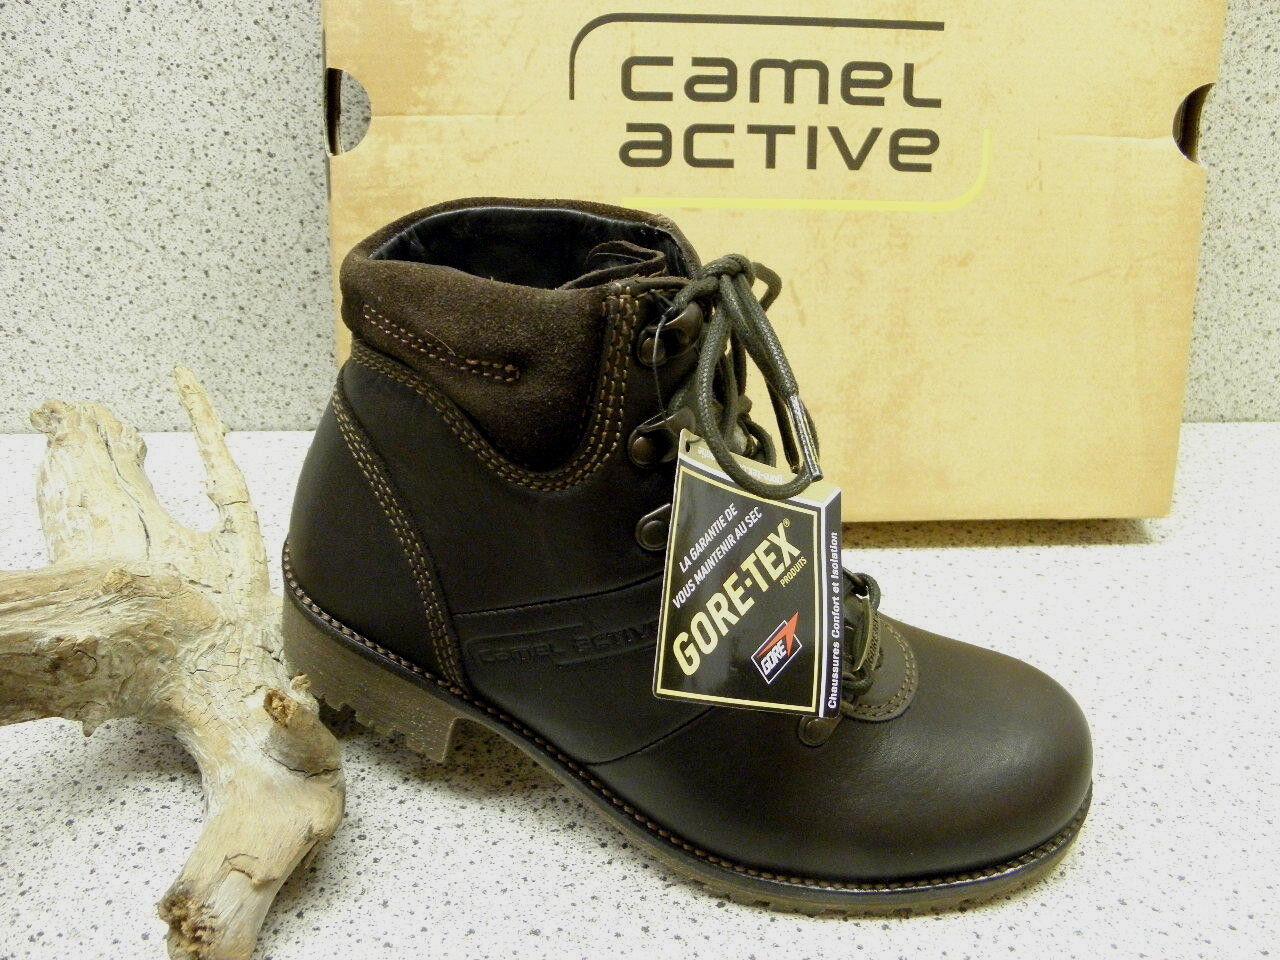 Camel Active ® top rojouce, hasta ahora     ranger  en caliente, gore-Tex ® (a981) 38019f